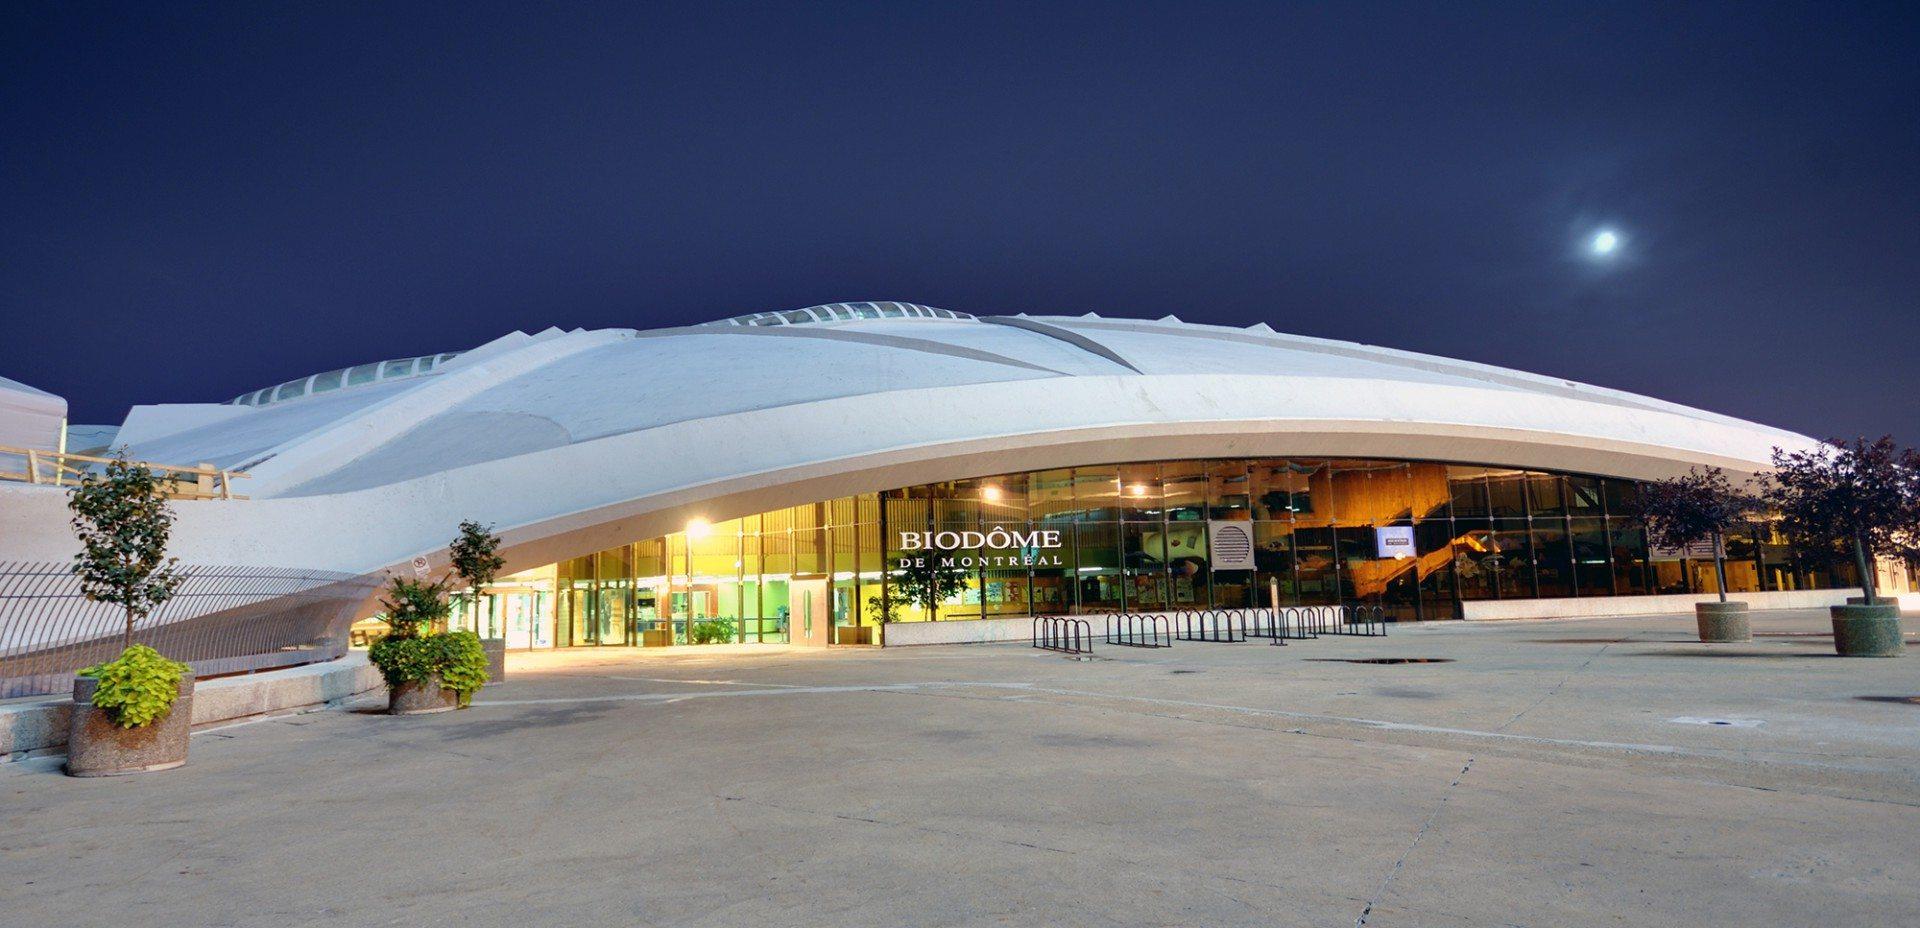 """Biodôme de Montréal.  Östlich des Stadions befindet sich das ehemalige olympische Velodrom. Der gewaltige Schalenbau wurde ebenfalls von Roger Taillibert entworfen. Während der Spiele 1976 diente er neben den Radsportwettbewerben auch den Judowettkämpfen als Austragungsort. Nach umfangreichen Renovierungsmaßnahmen zwischen 1989 und 1992 befindet sich hier heute das Umweltmuseum """"Biodôme"""". In Simulationen präsentiert es verschiedene Ökosysteme: das tropische Südamerika, den Laurentinischen Wald Nordamerikas, den Sankt-Lorenz-Strom sowie die beiden Polargebiete Arktis und Antarktis."""